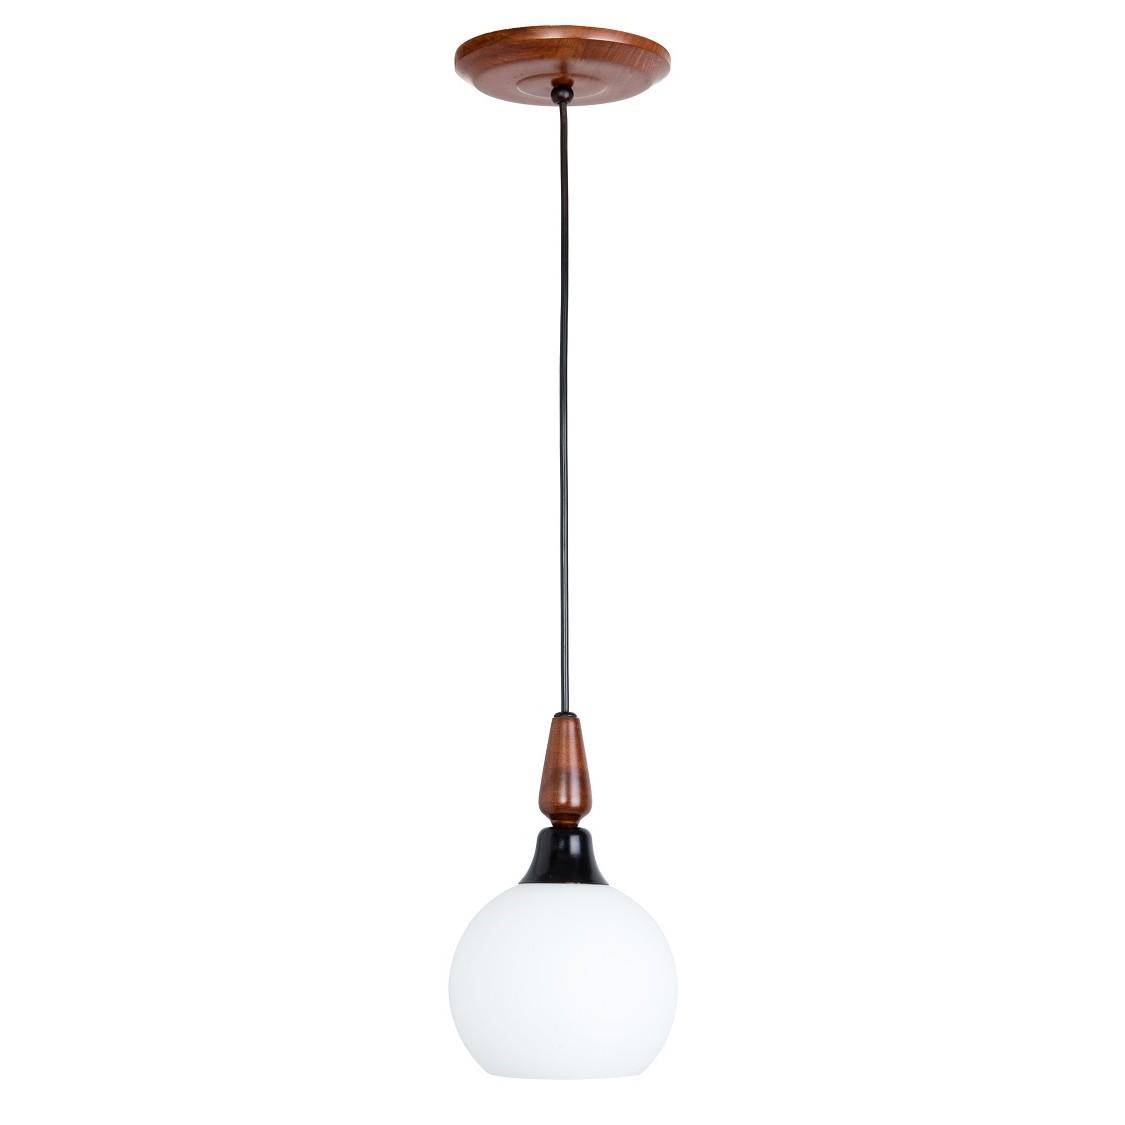 Pendente Country 15 cm 1 Lampada Imbuia - Madelustre